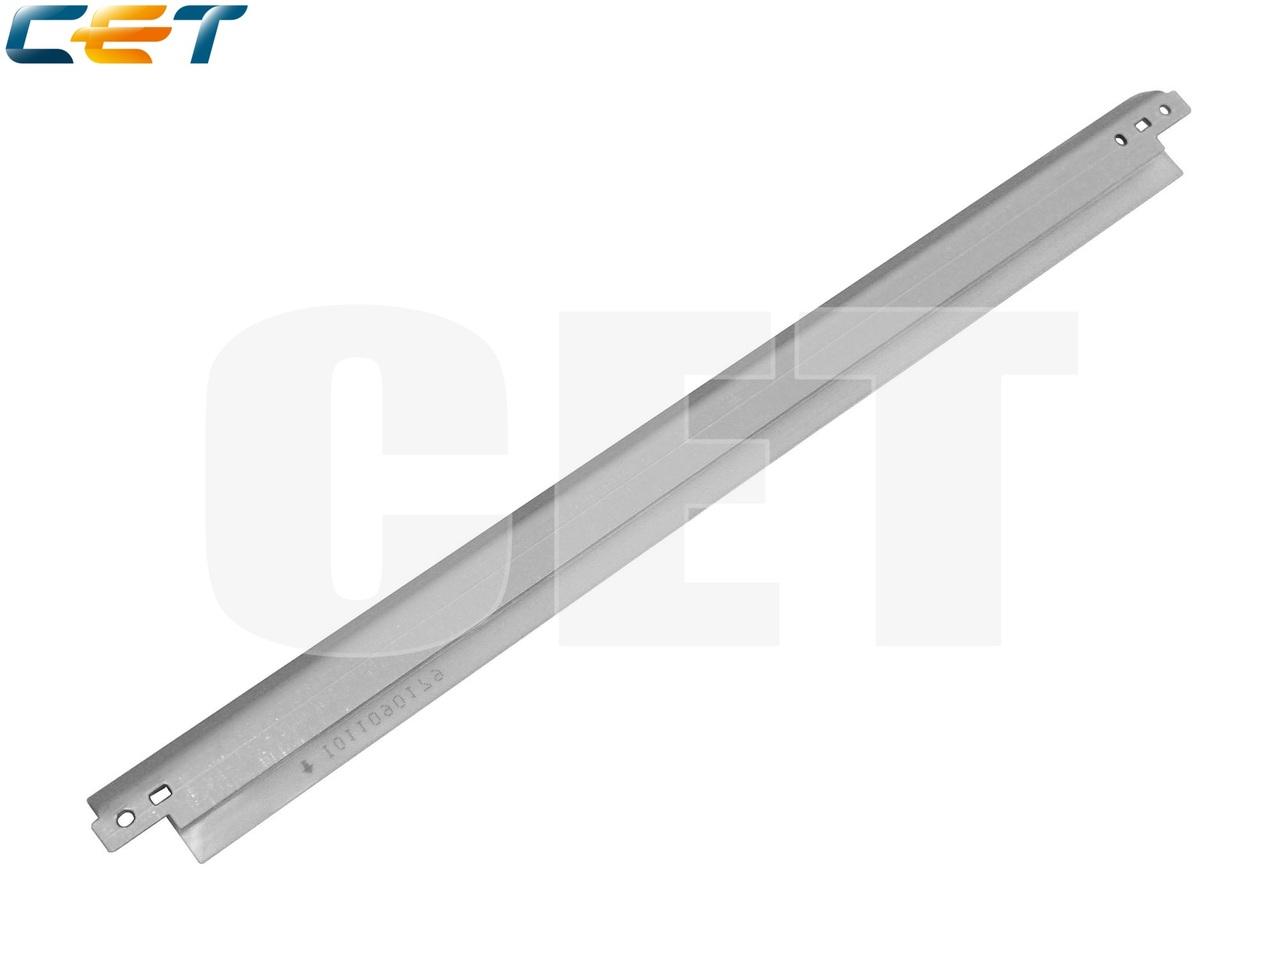 Ракель для CANON iRC2880/C3380 (CET), CET9010